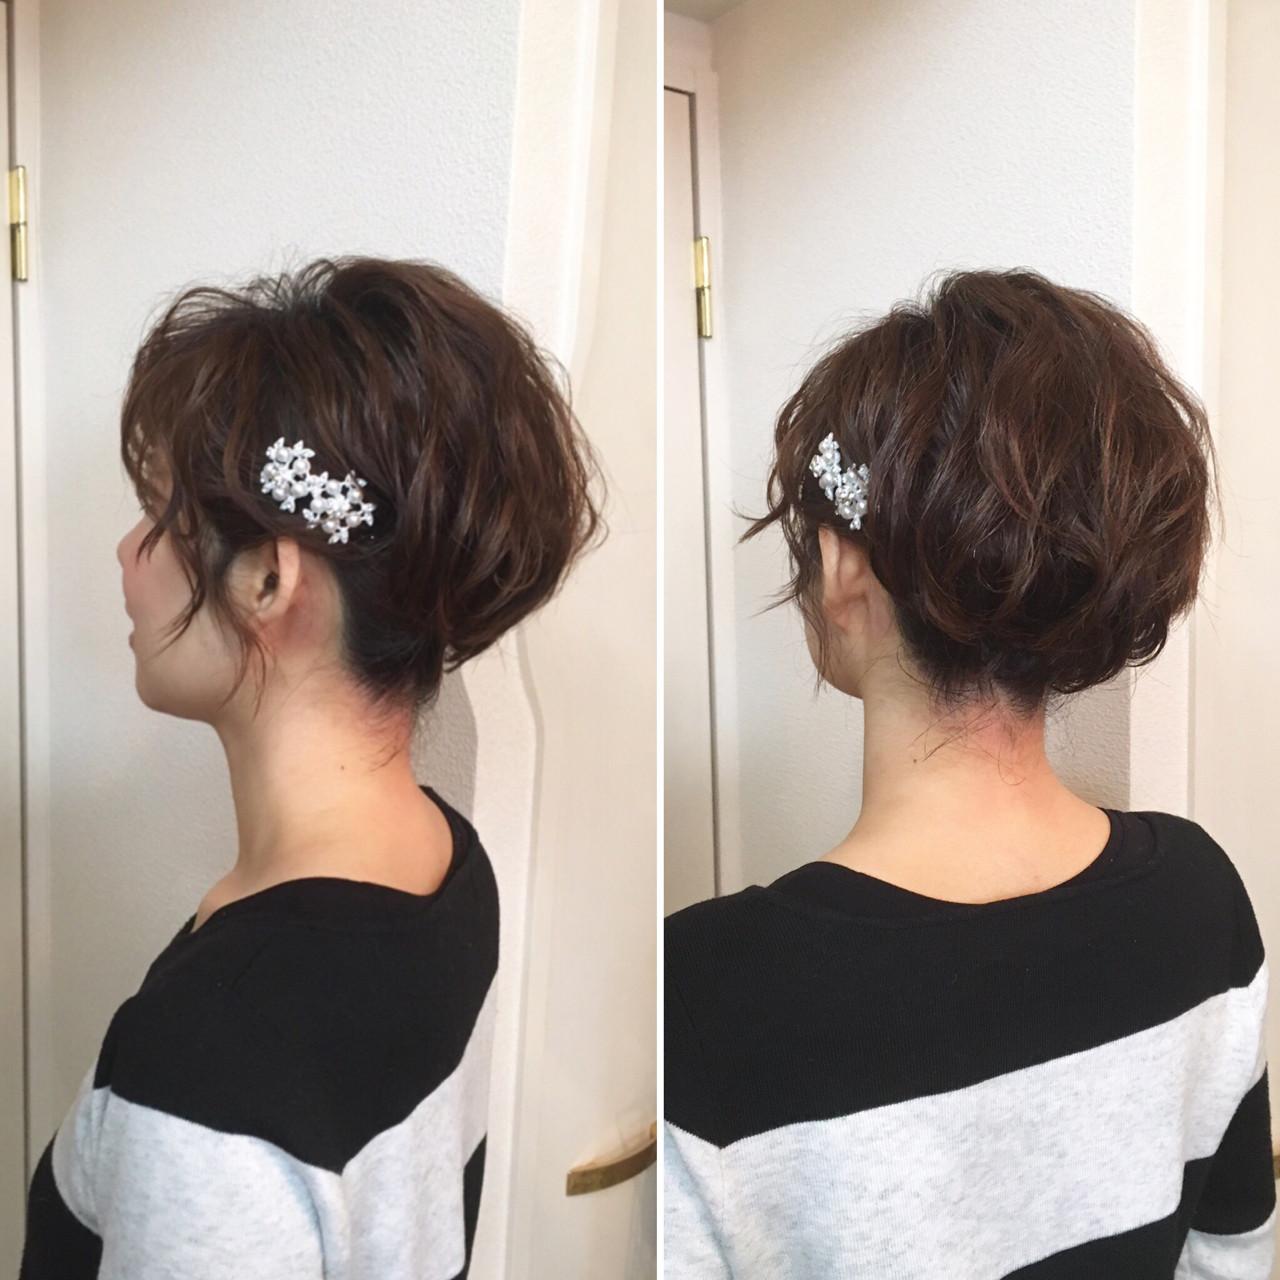 アップスタイル ヘアアレンジ ショート フェミニン ヘアスタイルや髪型の写真・画像